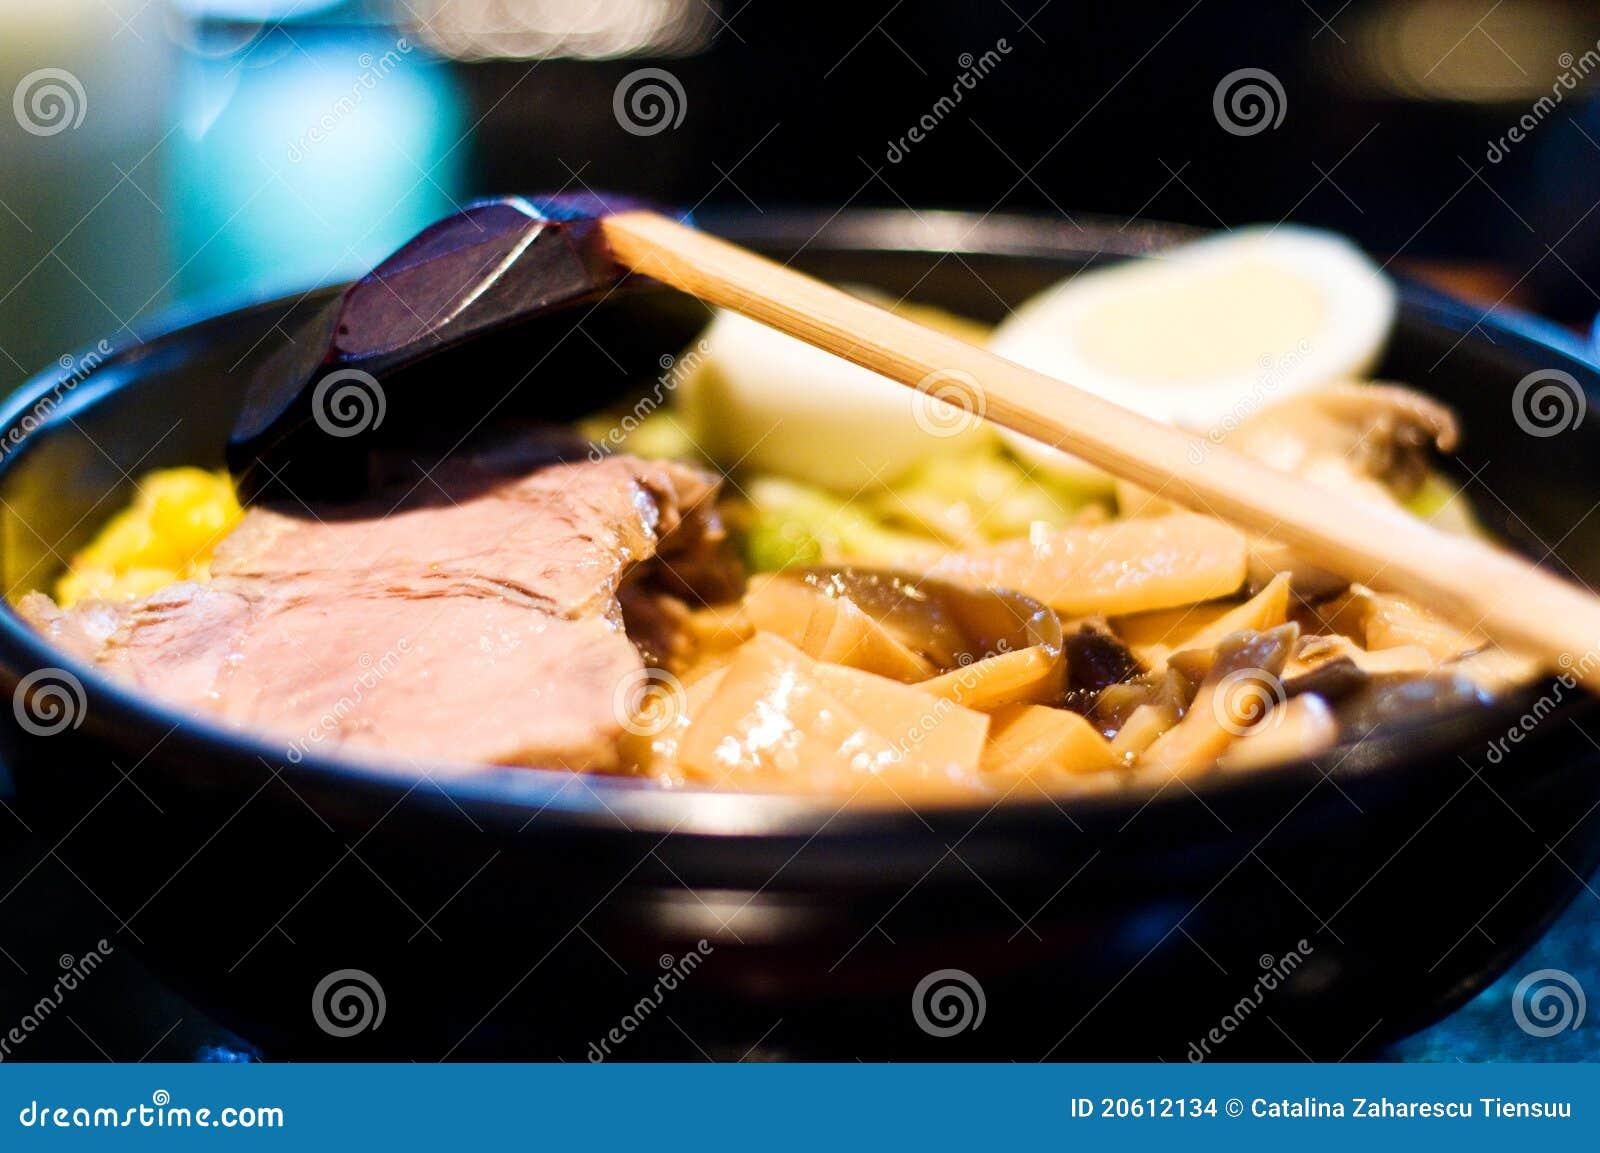 ramen restaurant business plan